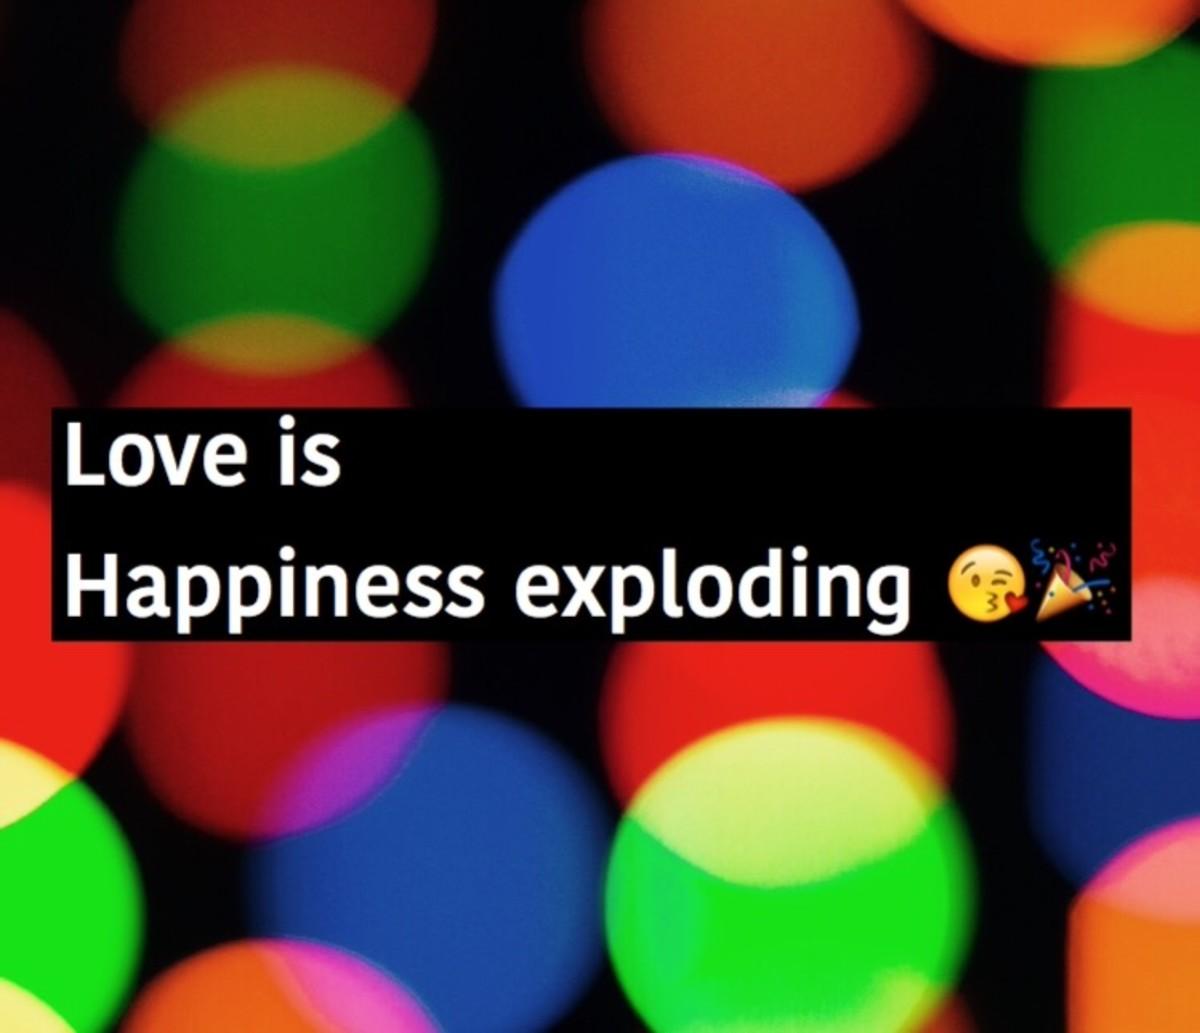 happy-quotes-statuses